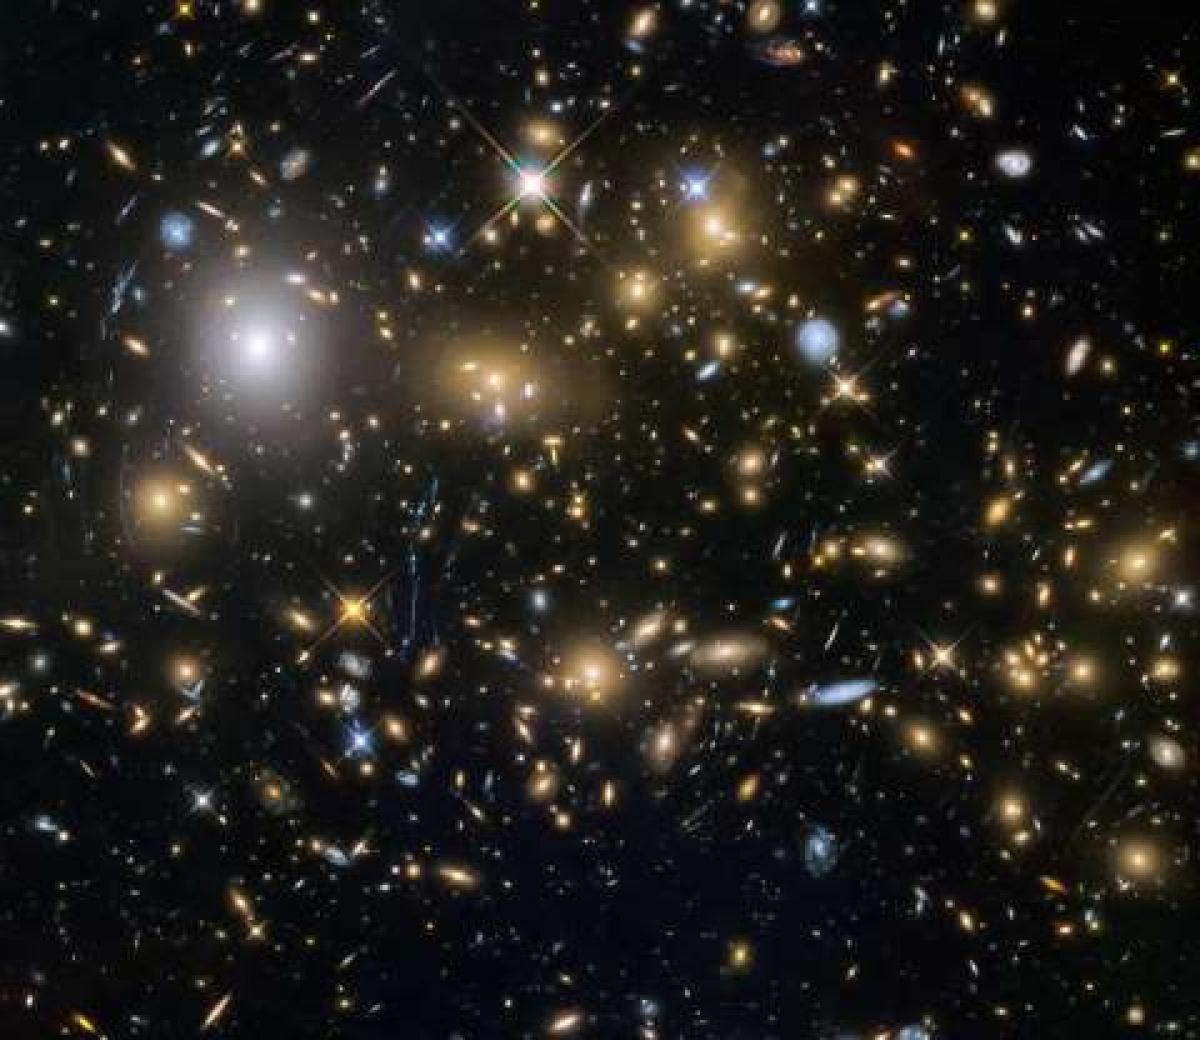 Năm 2015, Kính Thiên văn Hubble đã quan sát được thời điểm cách đây 12 tỷ năm để mở cánh cửa nhìn sâu hơn vào vũ trụ thuở sơ khai. Kính thiên văn này đã quan sát được những thiên hà ra đời sớm nhất và mờ nhất, trong số đó có những thiên hà được hình thành chỉ cách vụ nổ Big Bang khoảng 600 triệu năm./.